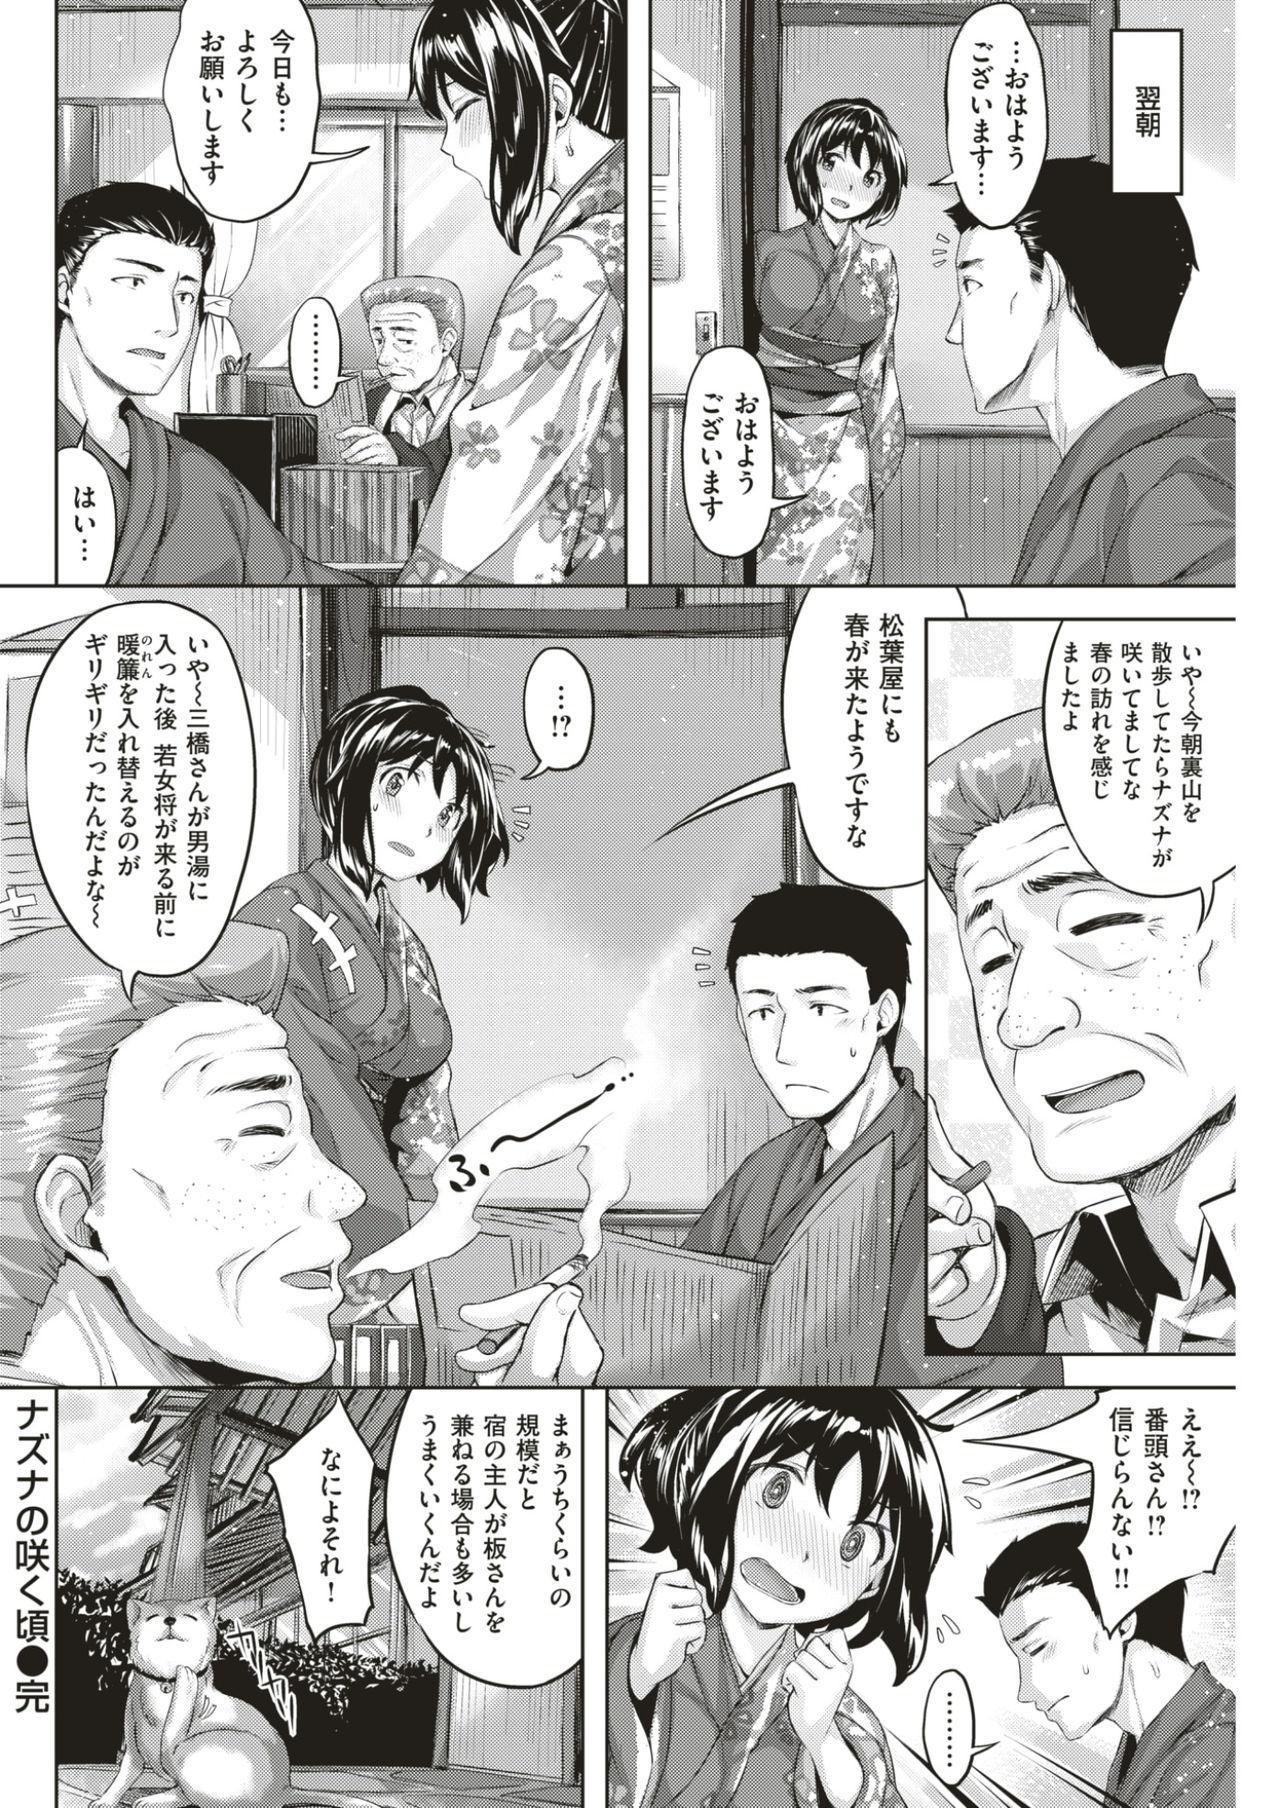 COMIC Kairakuten BEAST 2017-03 92